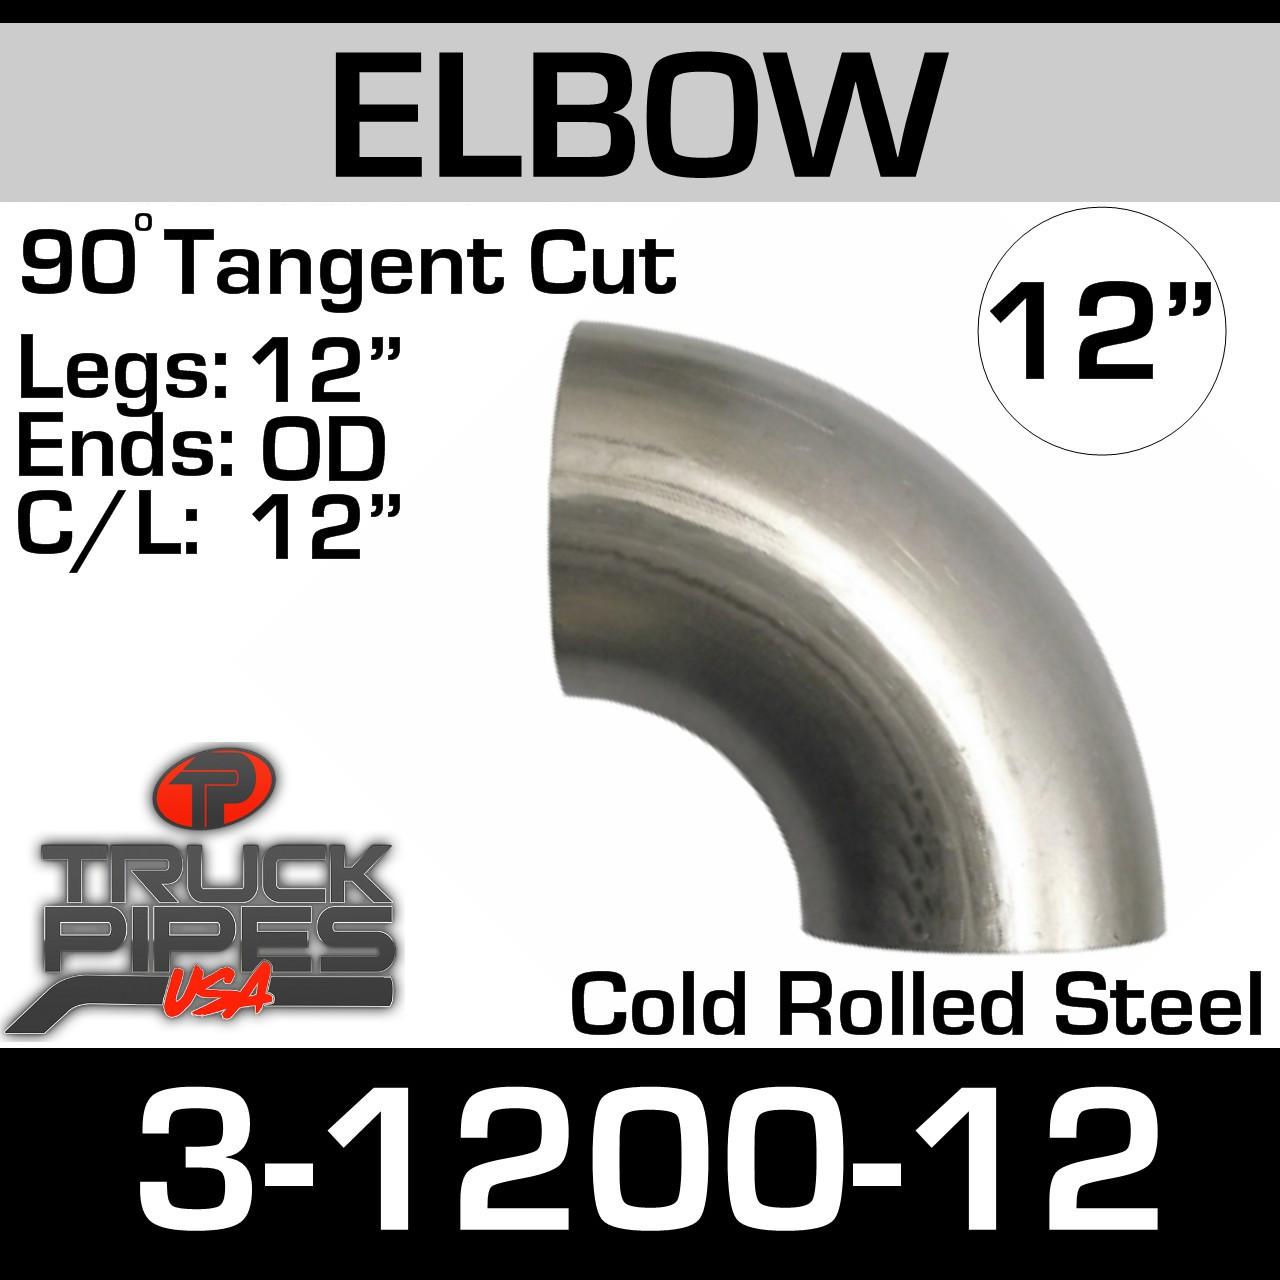 """12"""" 90 Degree Exhaust Elbow 12"""" CLR, 12"""" Leg 3-1200-12"""